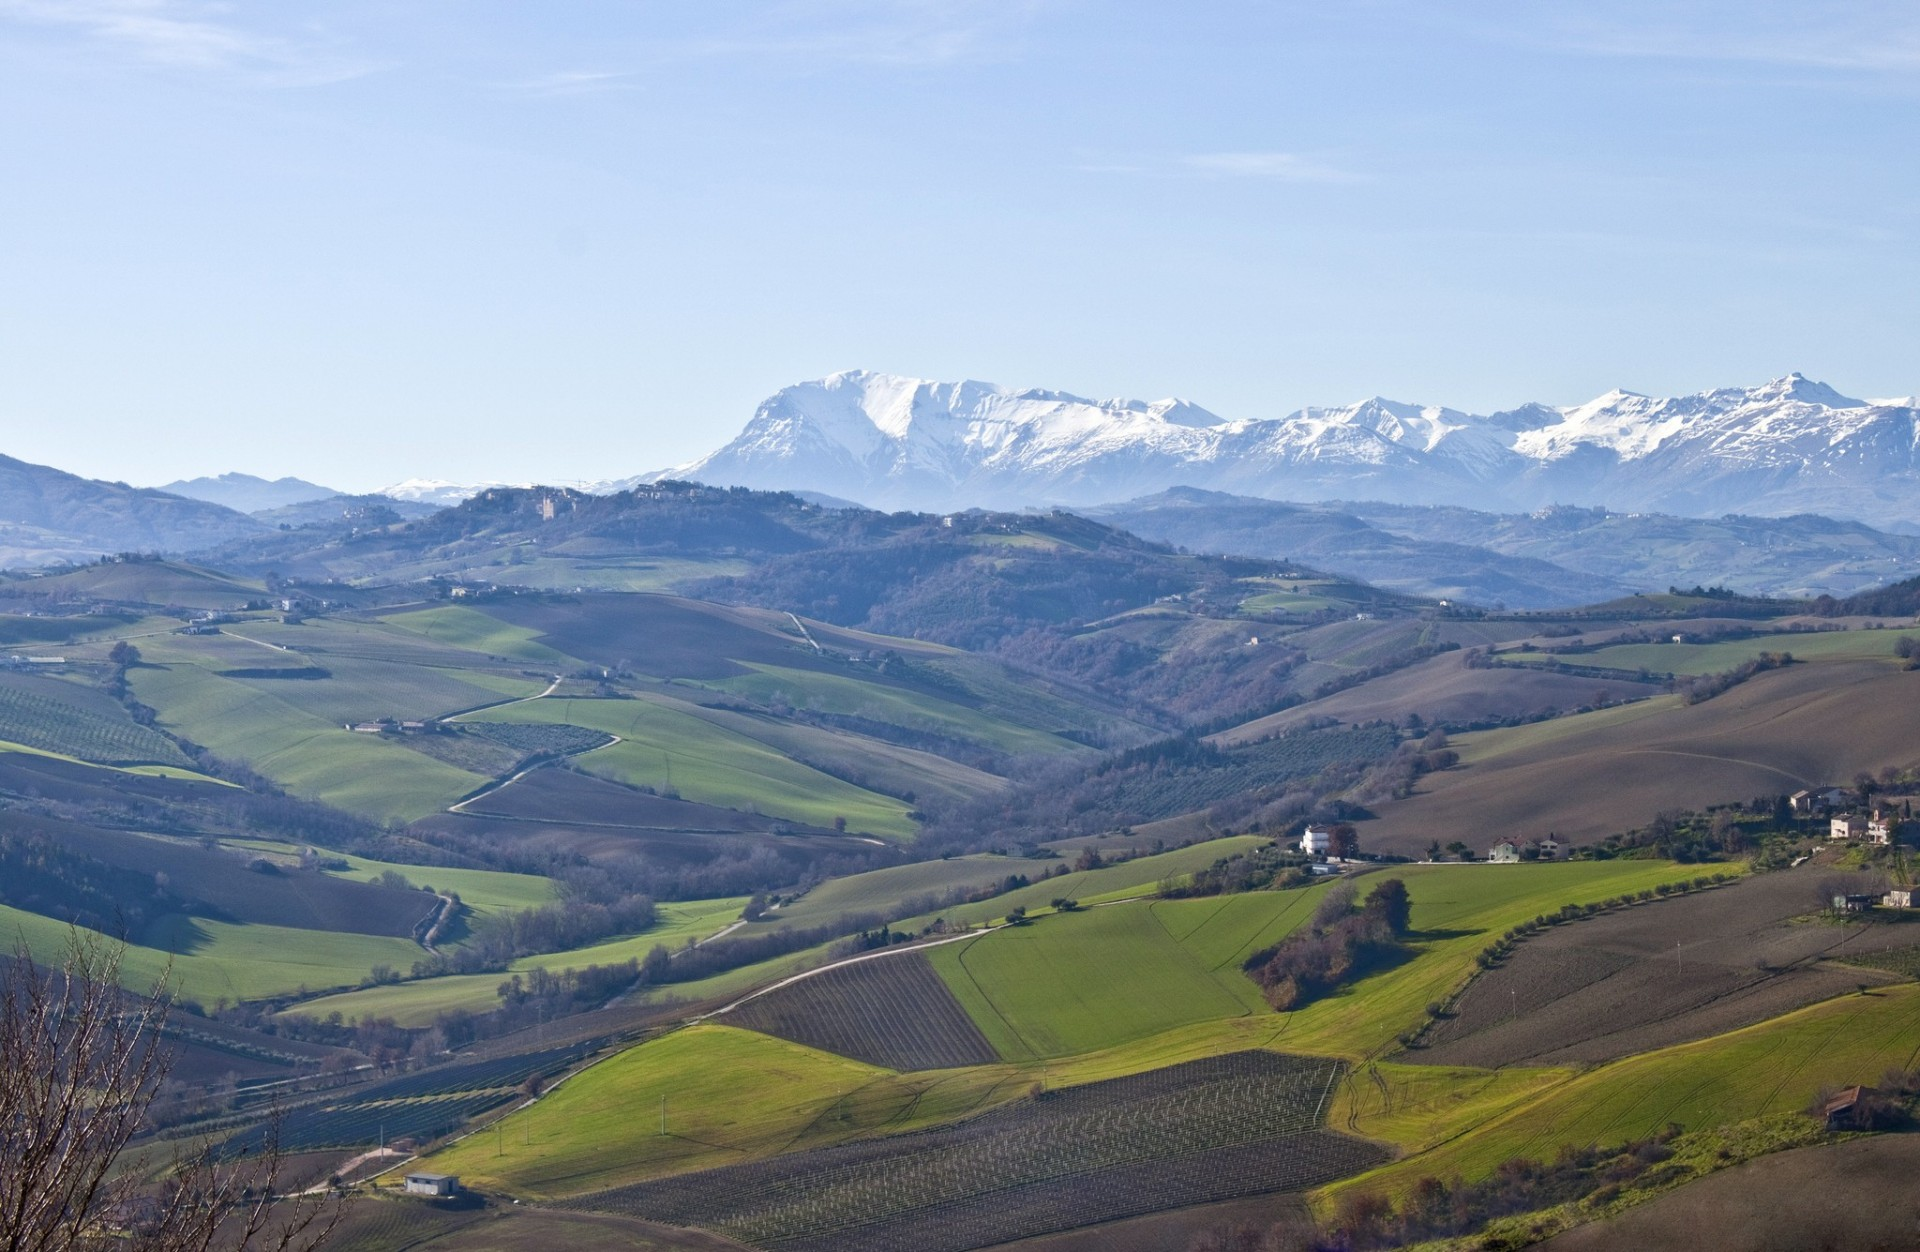 Lungo gli antichi confini di Stato: l'antica Dogana di Salto del Cieco e il Monte Aspra